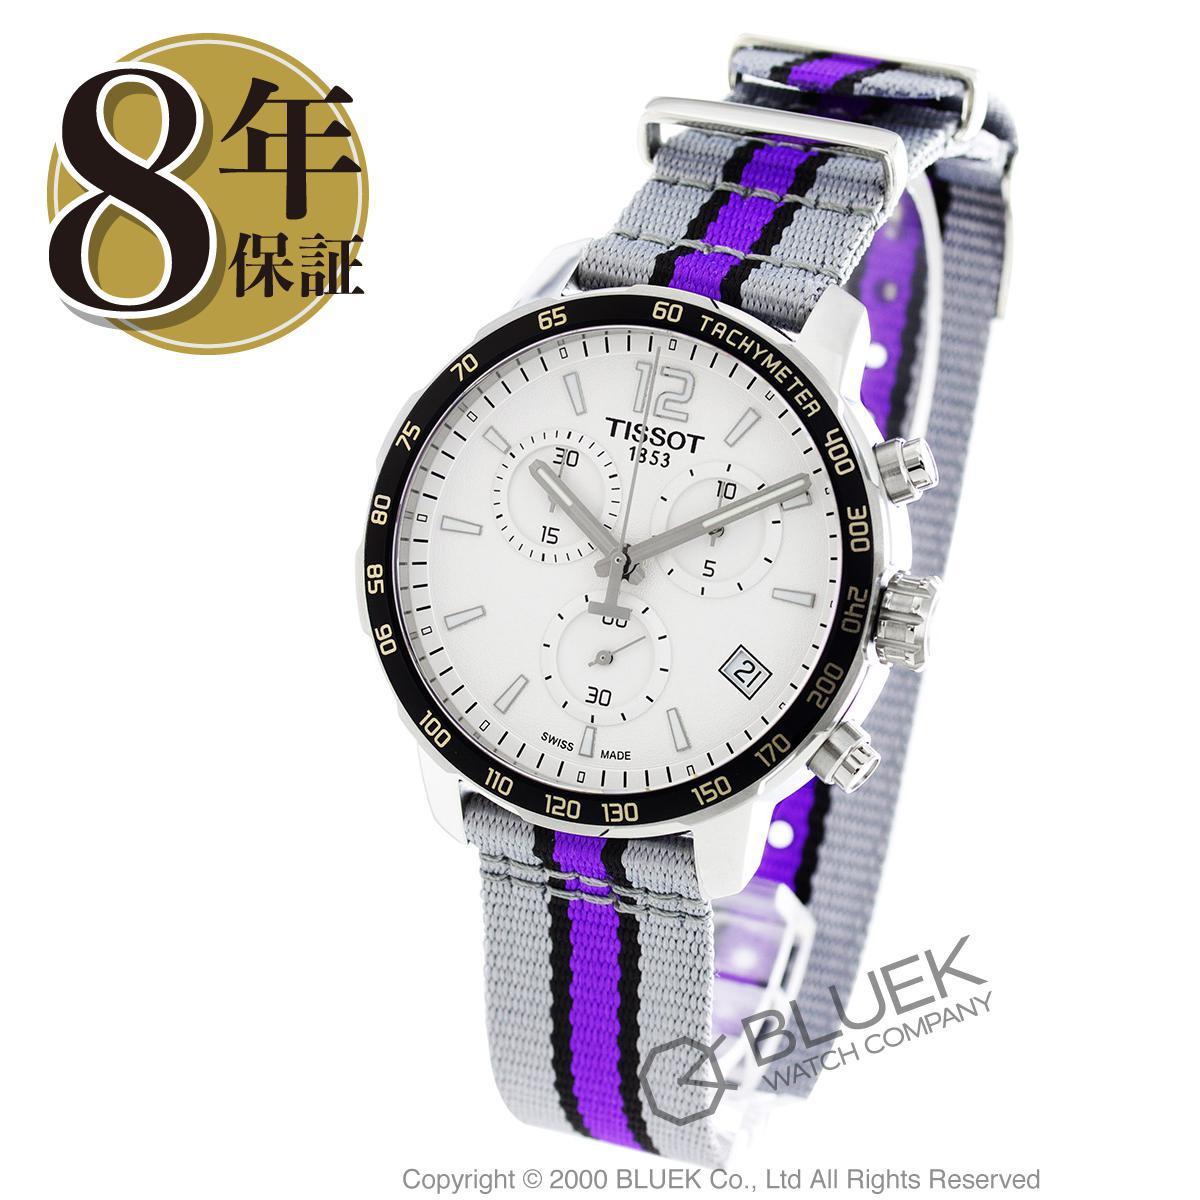 ティソ T-スポーツ クイックスター NBAサクラメント・キングス クロノグラフ 腕時計 メンズ TISSOT T095.417.17.037.35_8